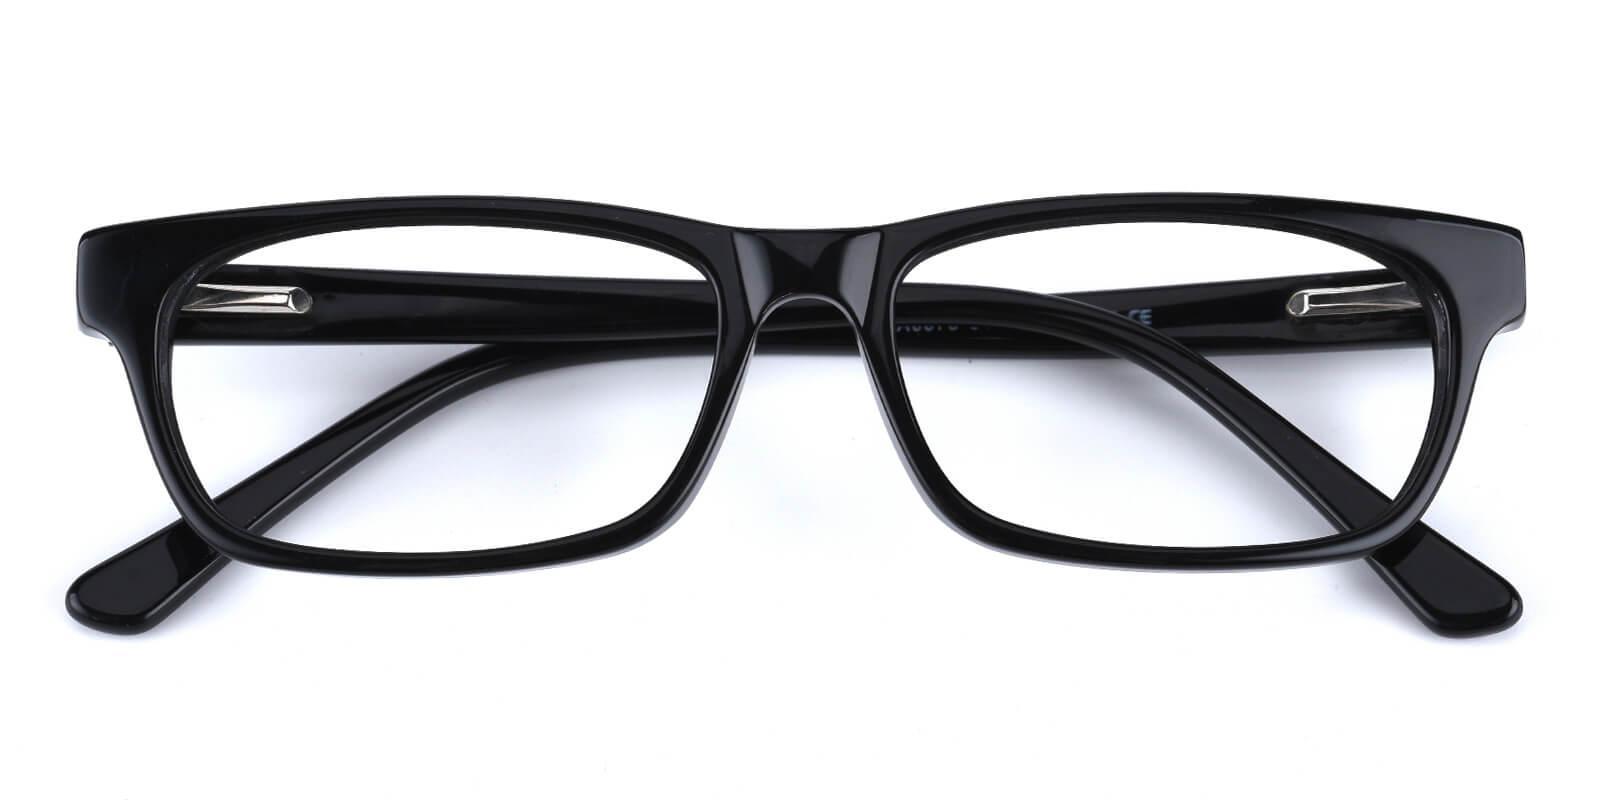 Mia-Black-Rectangle-Acetate-Eyeglasses-detail